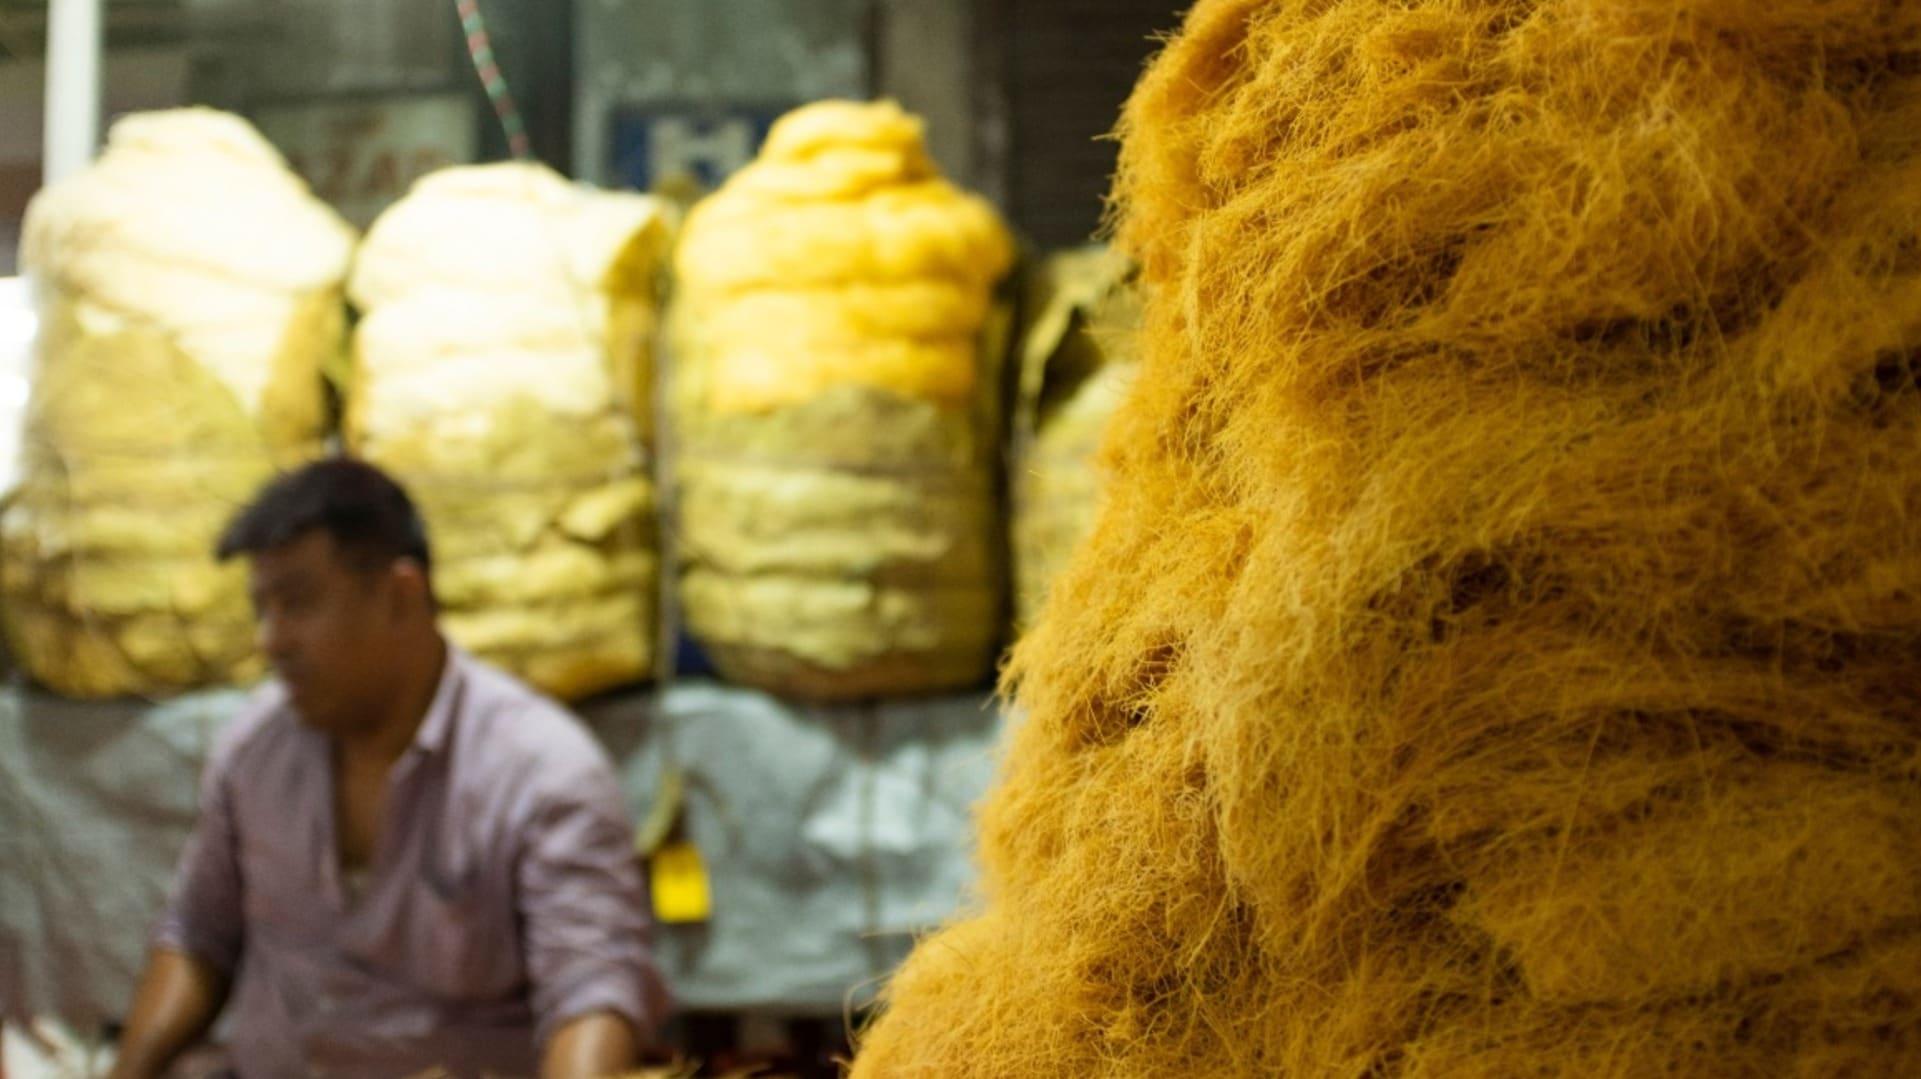 At Kolkata's Zakaria Street, food and old world charm make for a vibrant Ramzan